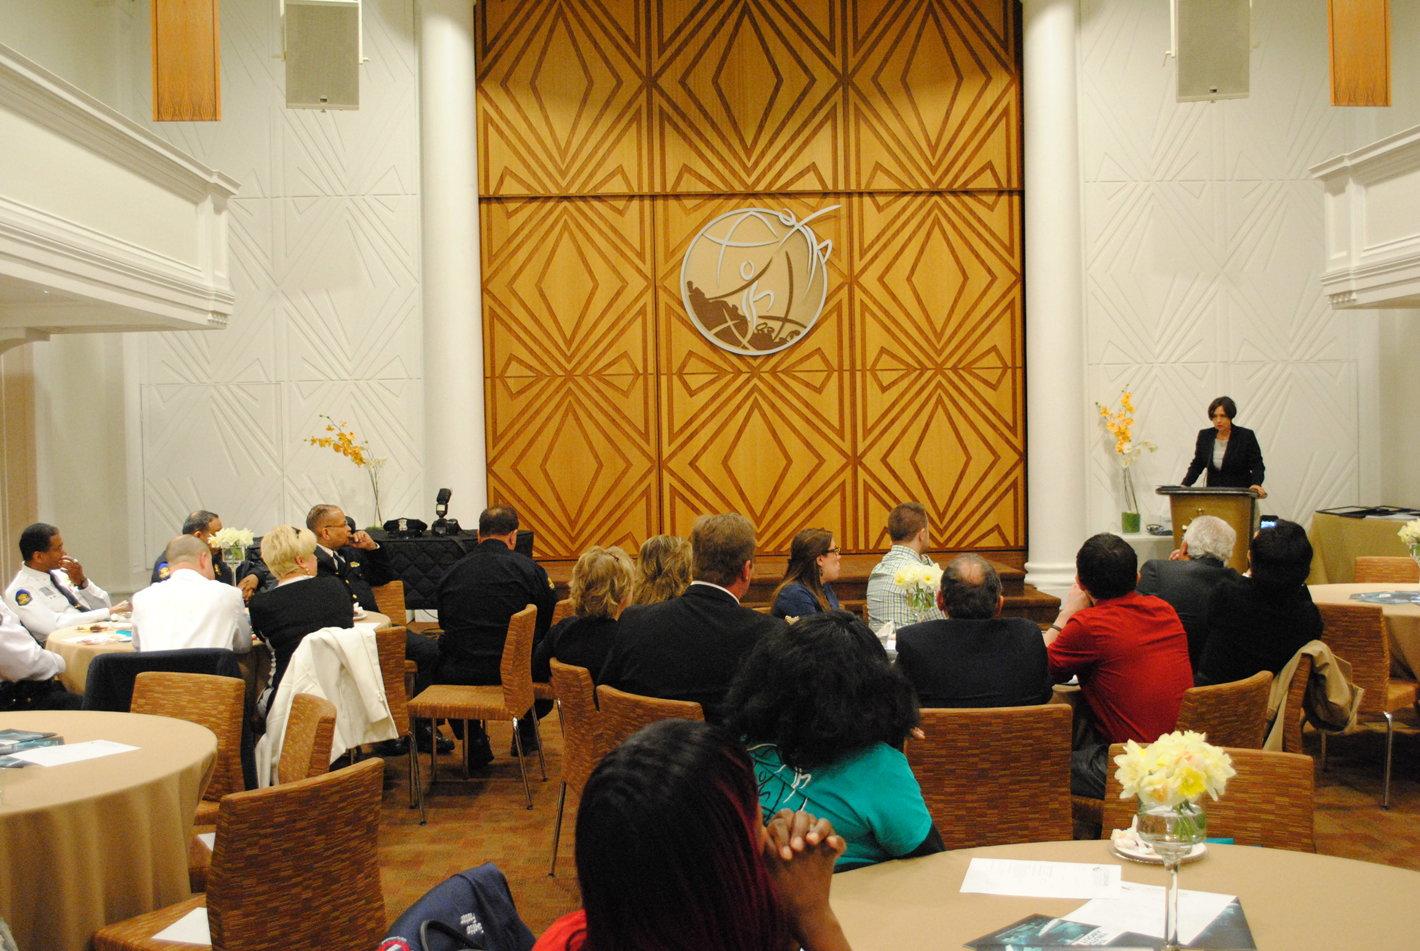 Ředitel pro veřejné záležitosti církve Scientologické církve v Buffalu hostil první výroční ceny Společenství Crusaders Awards pobočky Buffalo nadace pro svět bez drog.